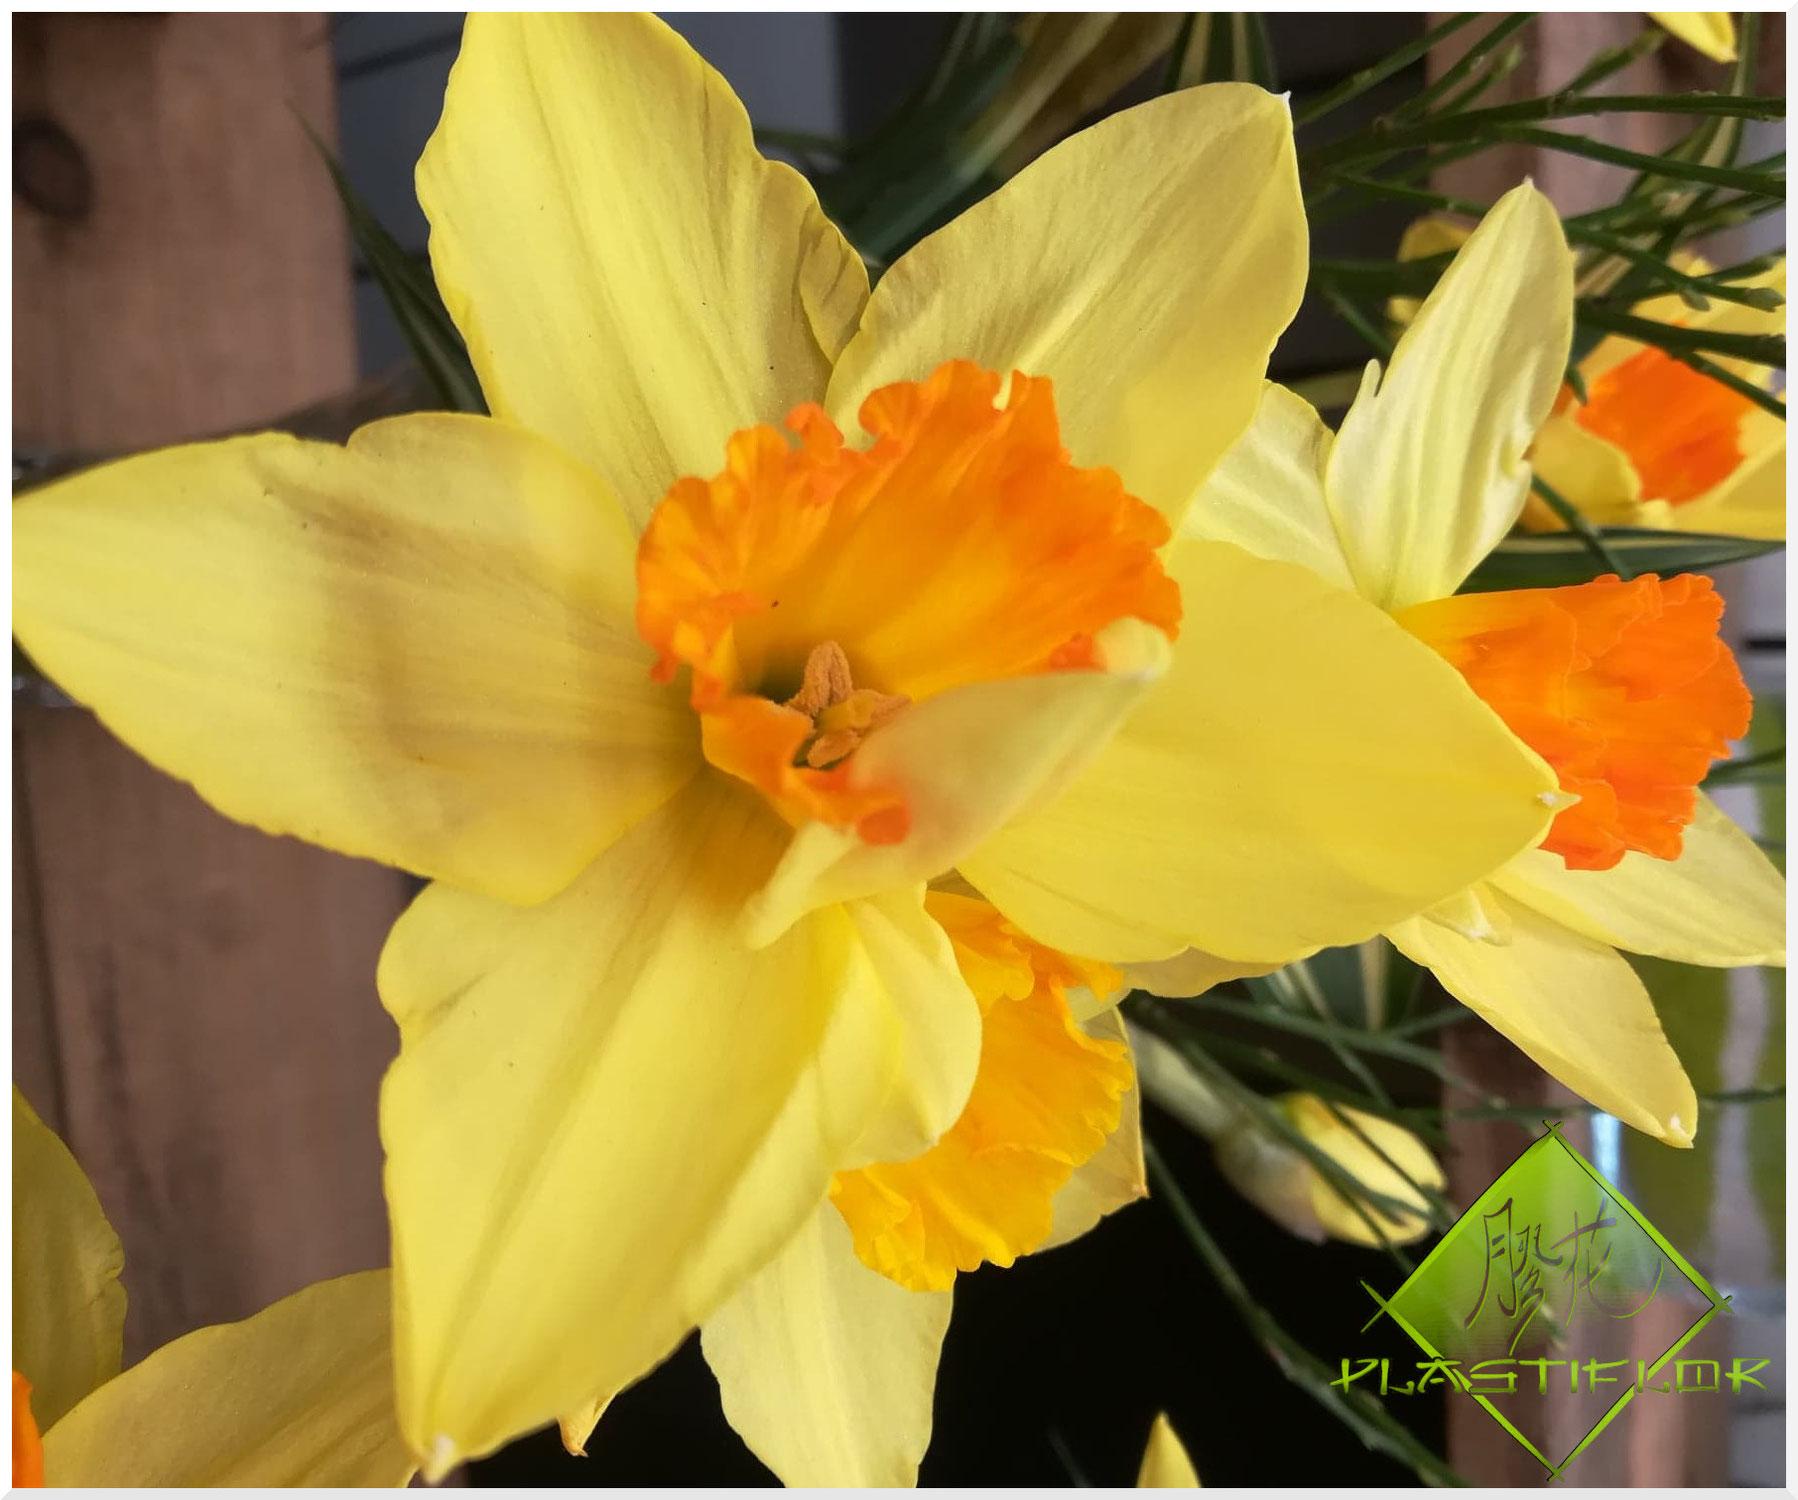 La jonquille, cette fleur annonciatrice du printemps